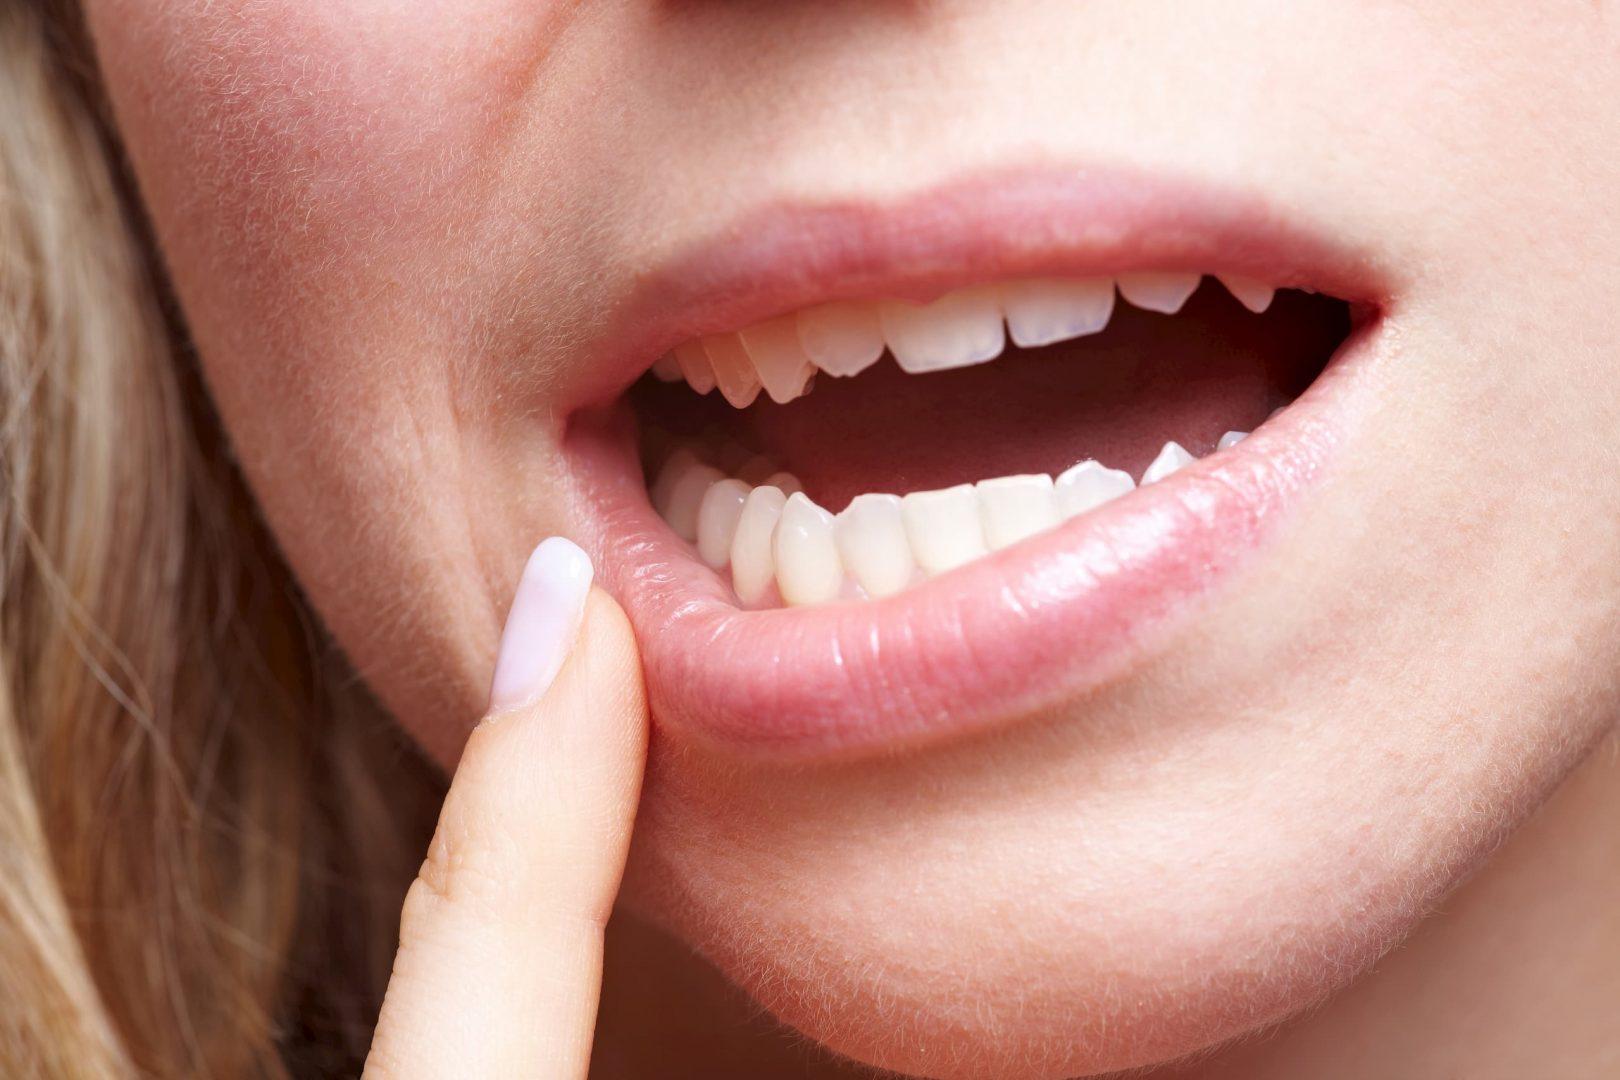 Aphte douleur dans la bouche